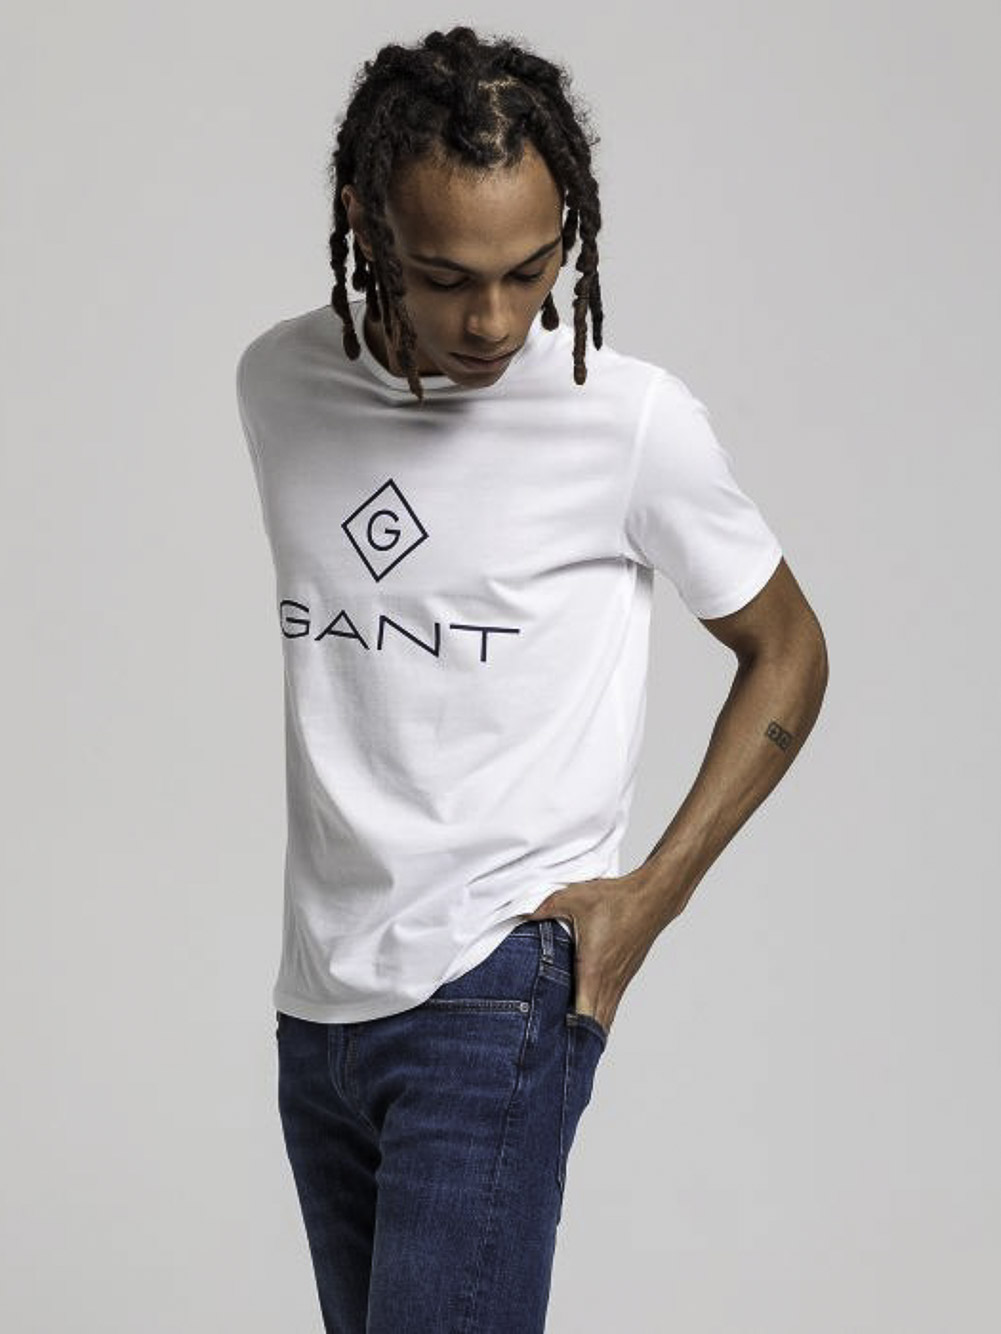 GANT Μπλούζα t-shirt 3G905157-110 ΛΕΥΚΟ